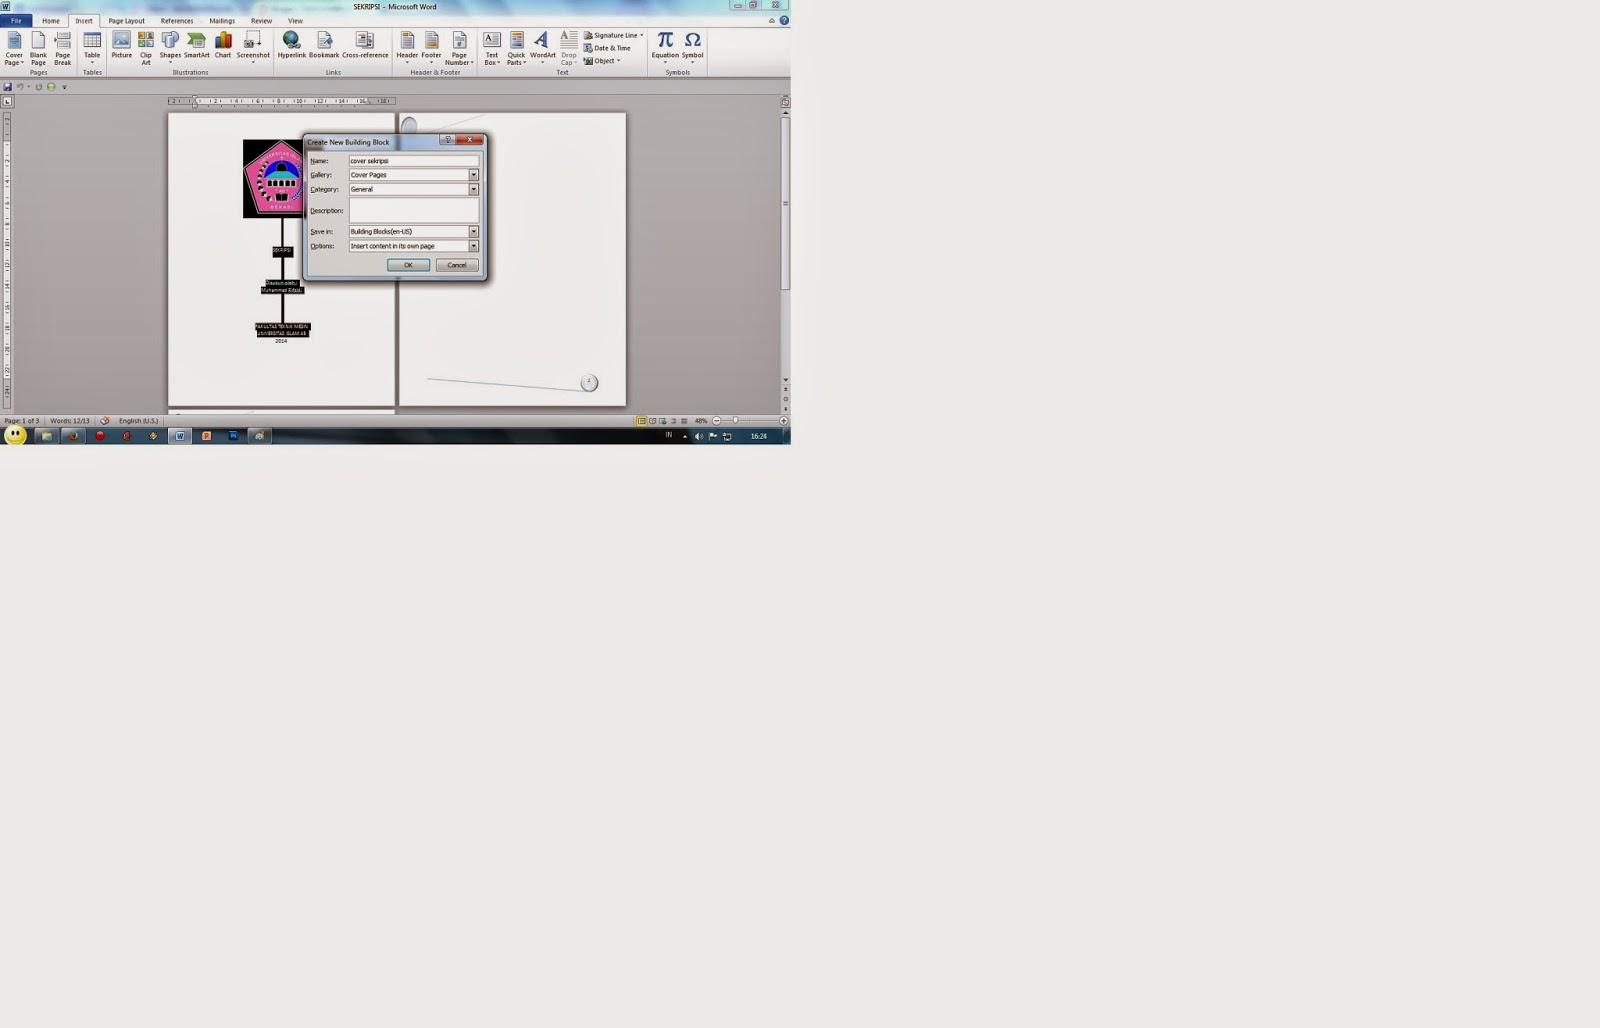 tugas komputer membuat new cover page blank page dan page break lalu klik save selection to cover page gallery maka akan muncul gambar seperti dibawah ini